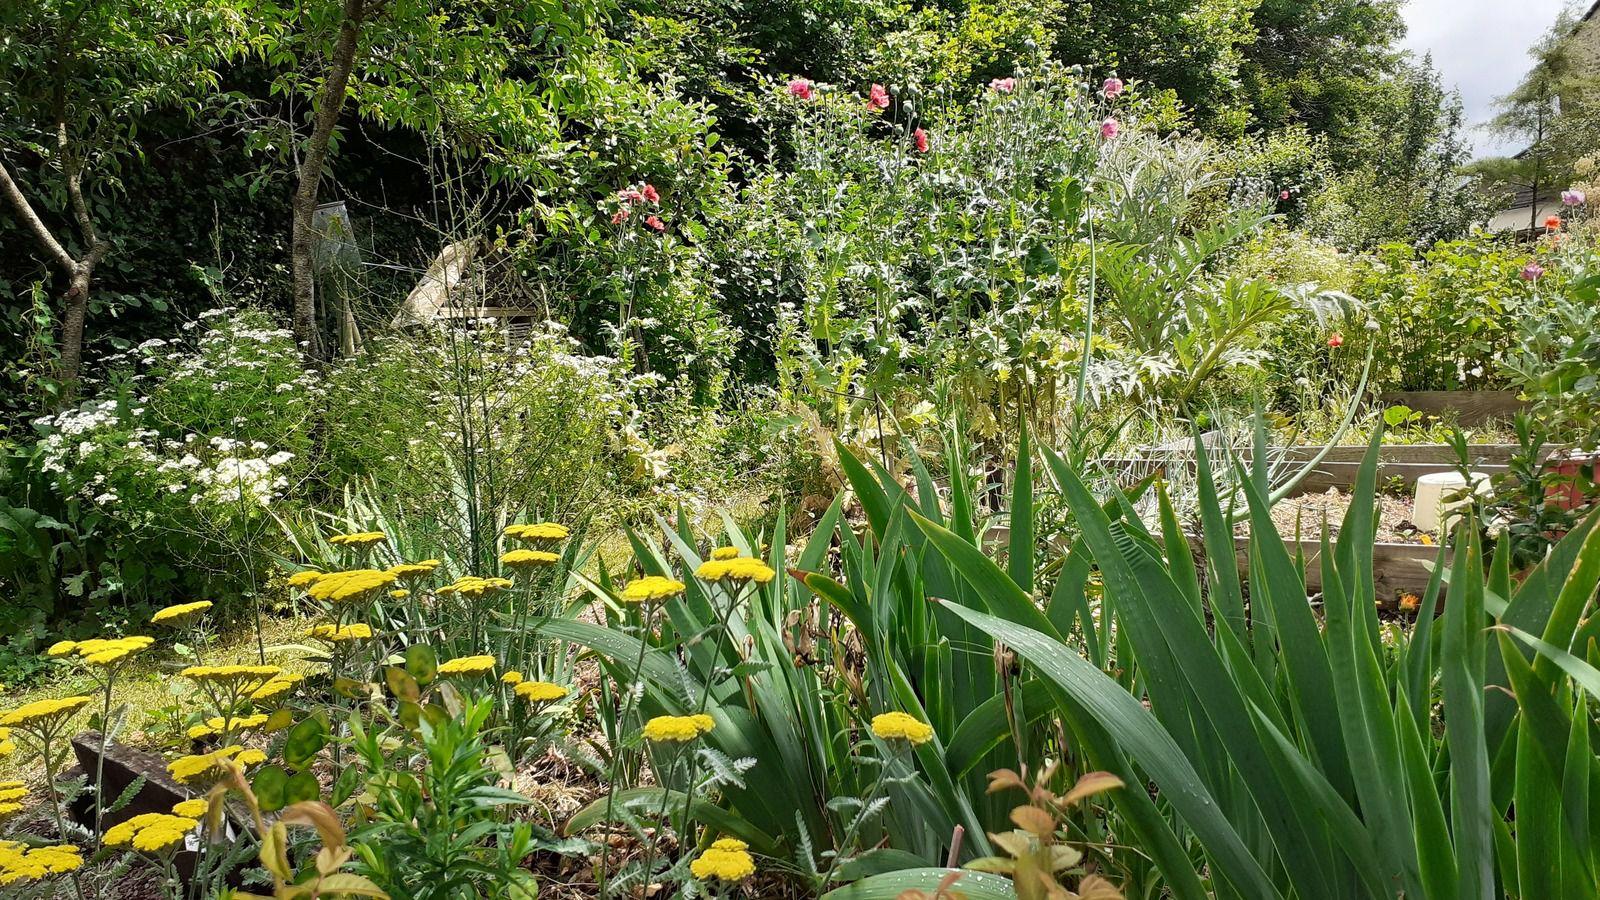 Quelques jolis clichés  mai  juin c'est une  belle saison au jardin .